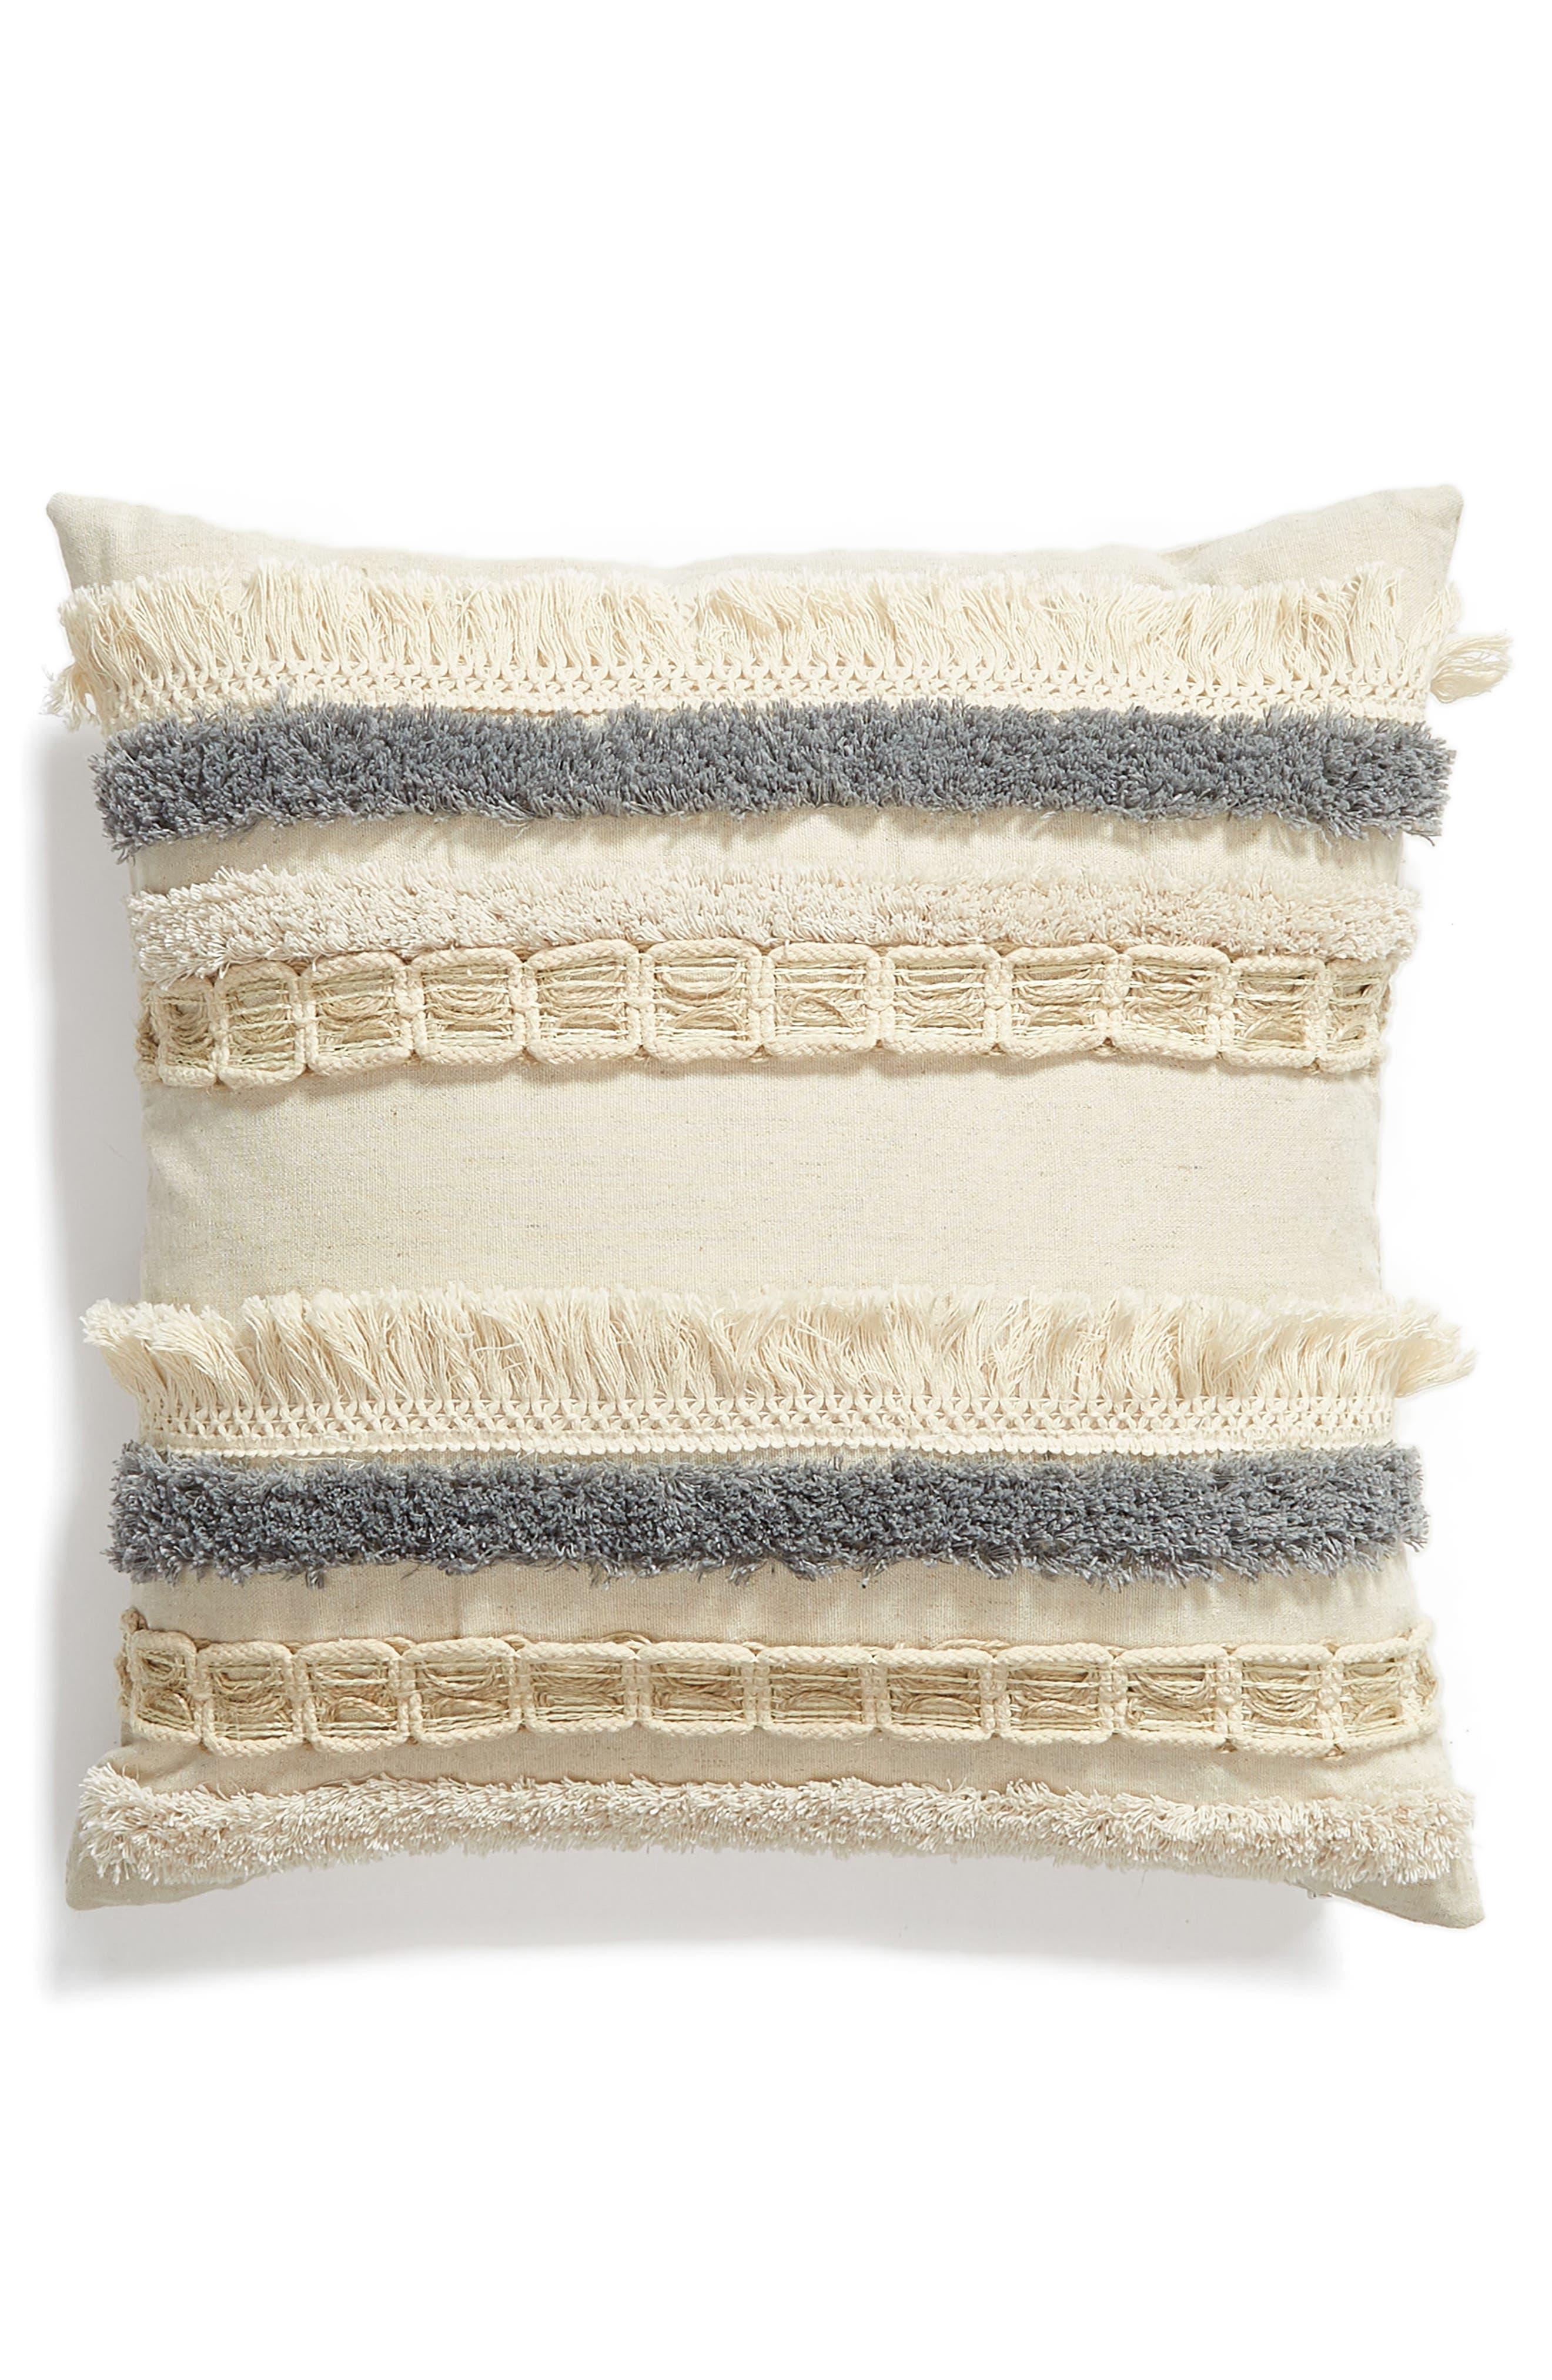 LEVTEX,                             Hilo Fringe Accent Pillow,                             Main thumbnail 1, color,                             NATURAL